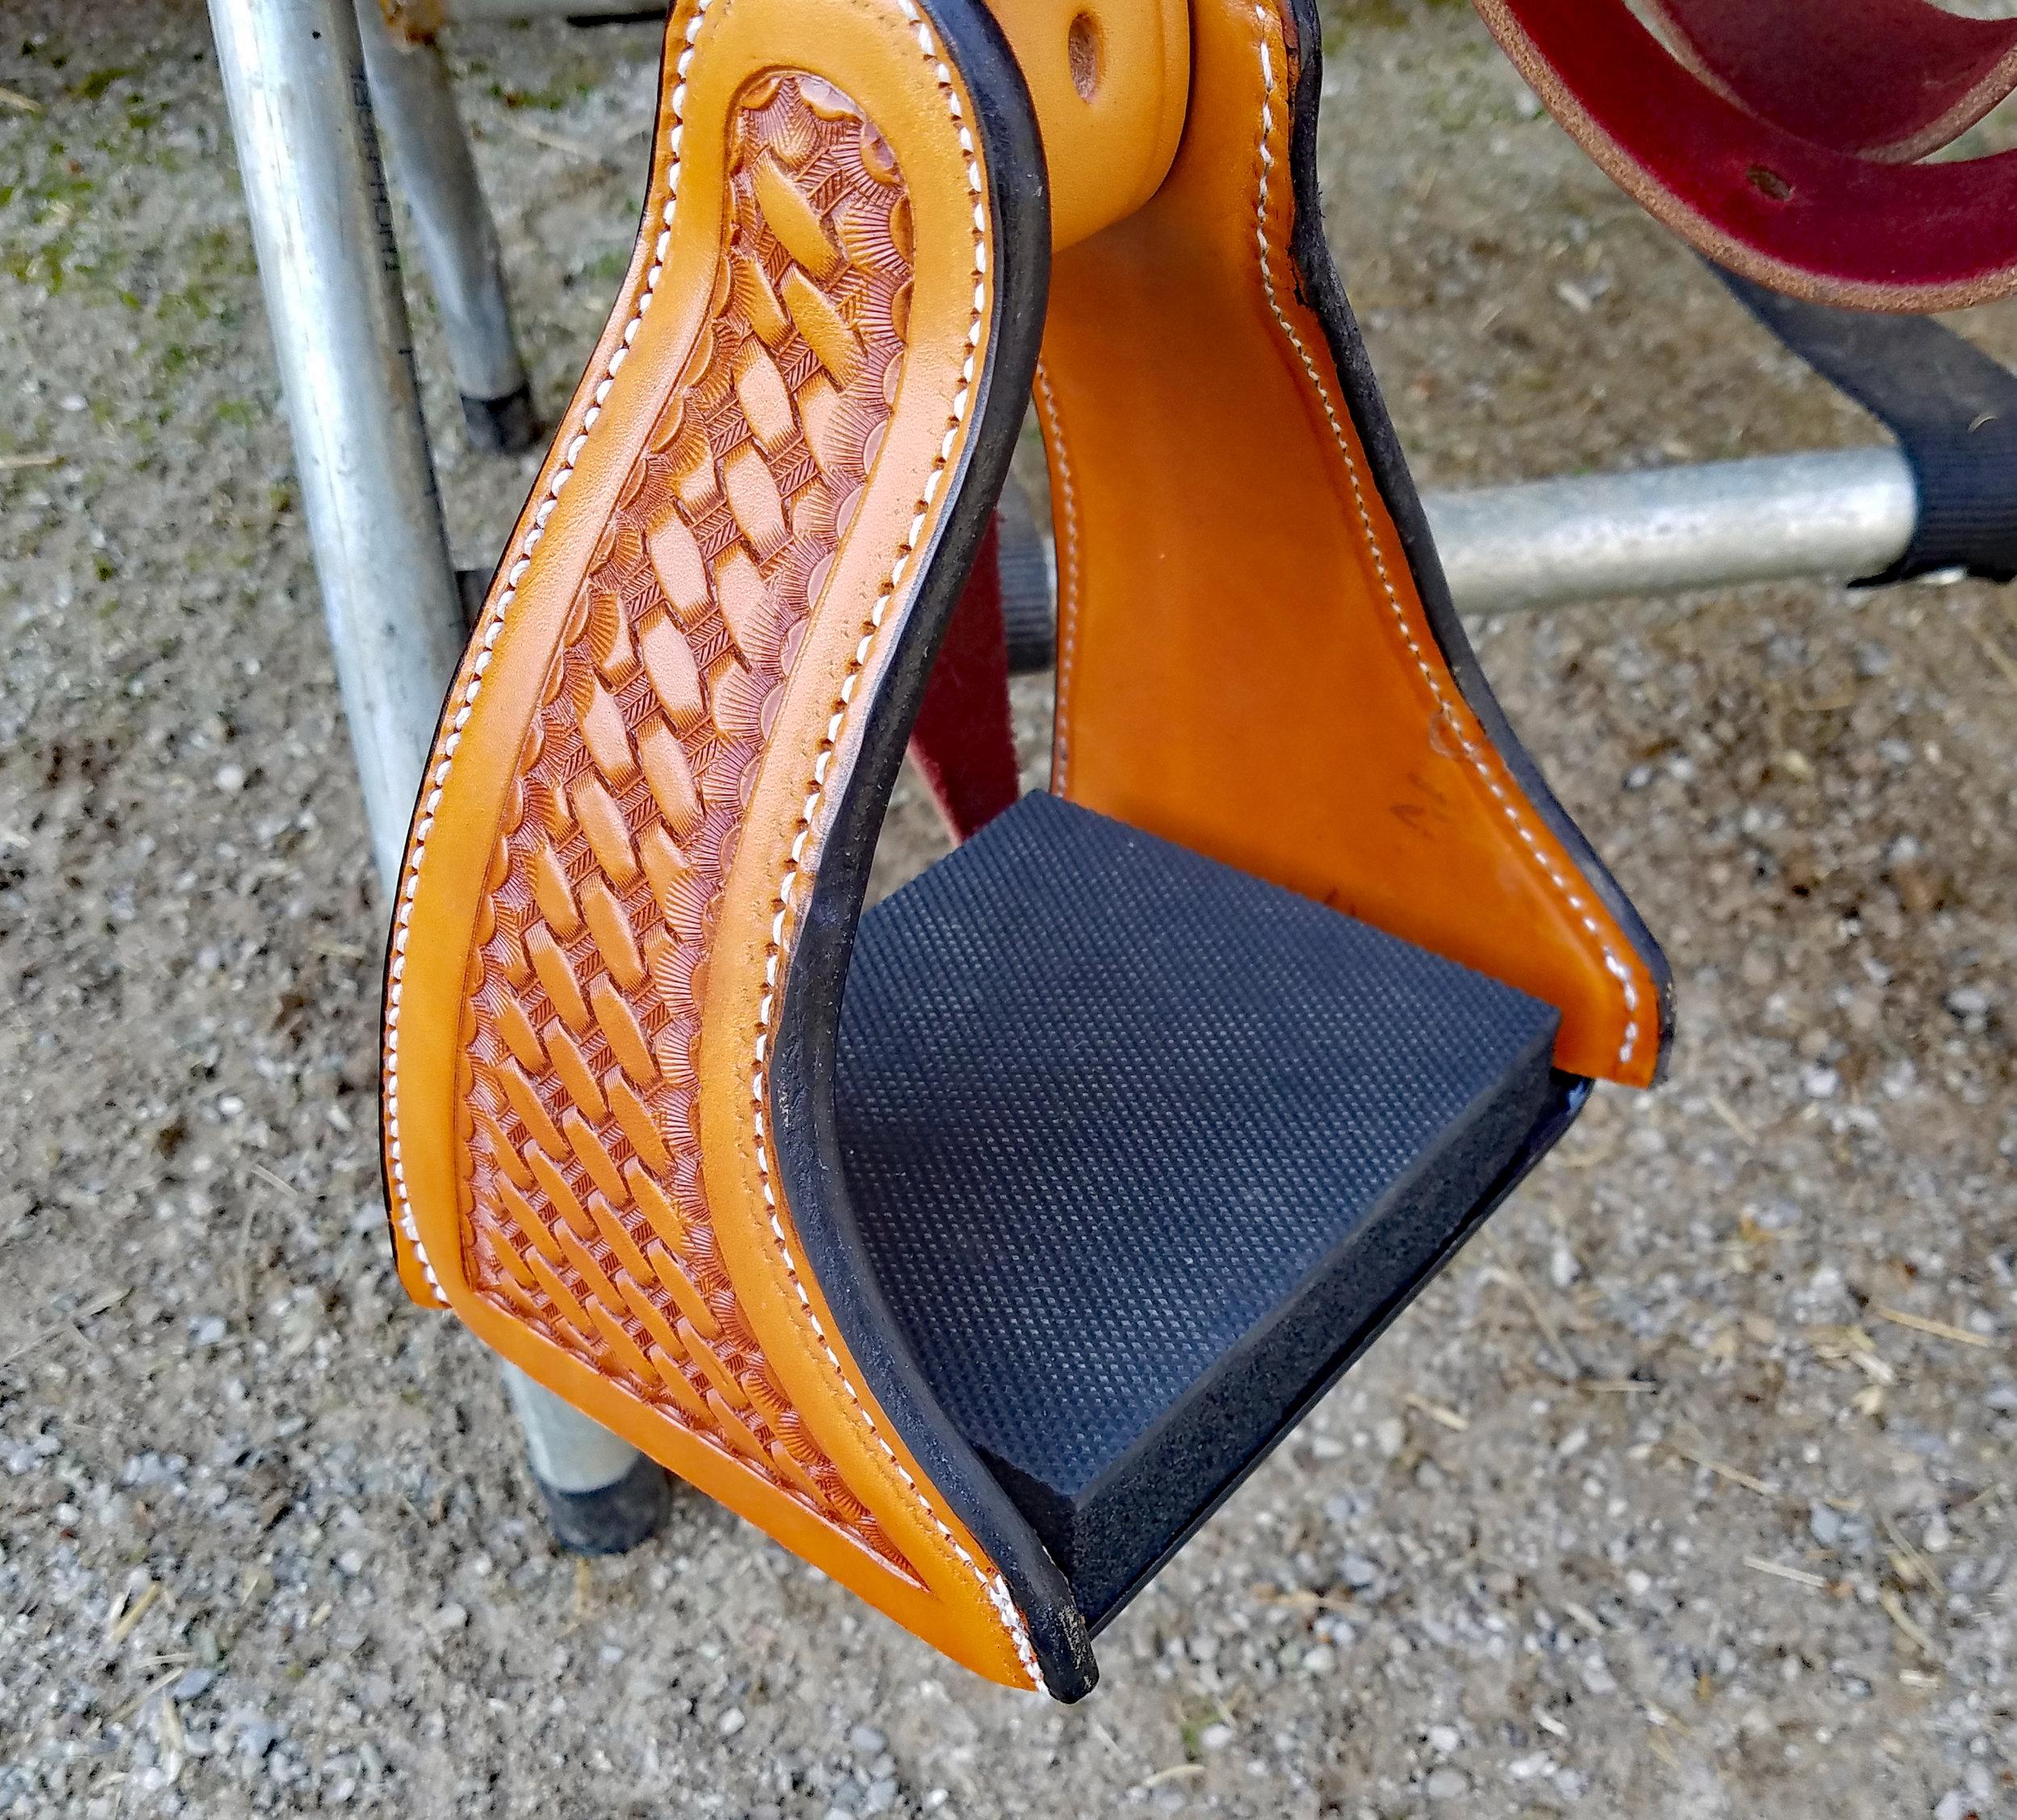 Comfort rider stirrups